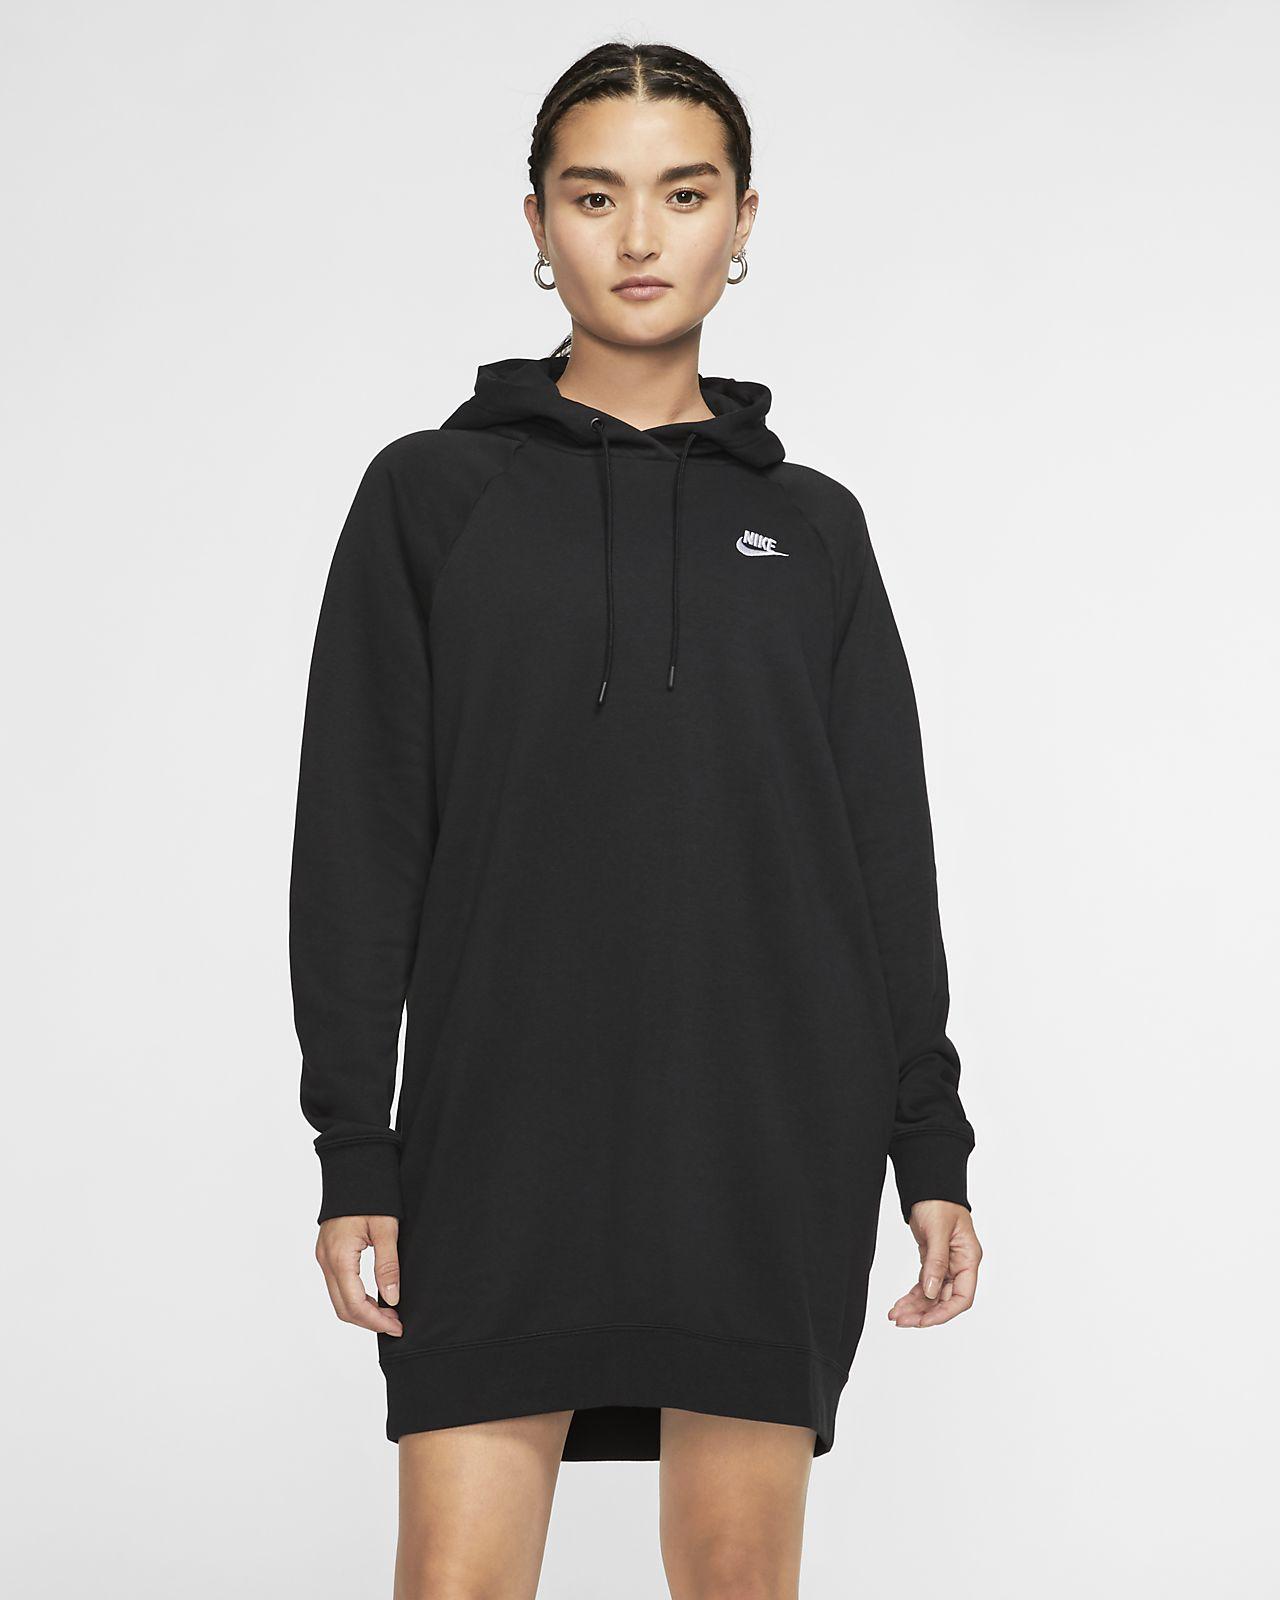 Fleeceklänning Nike Sportswear Essential för kvinnor